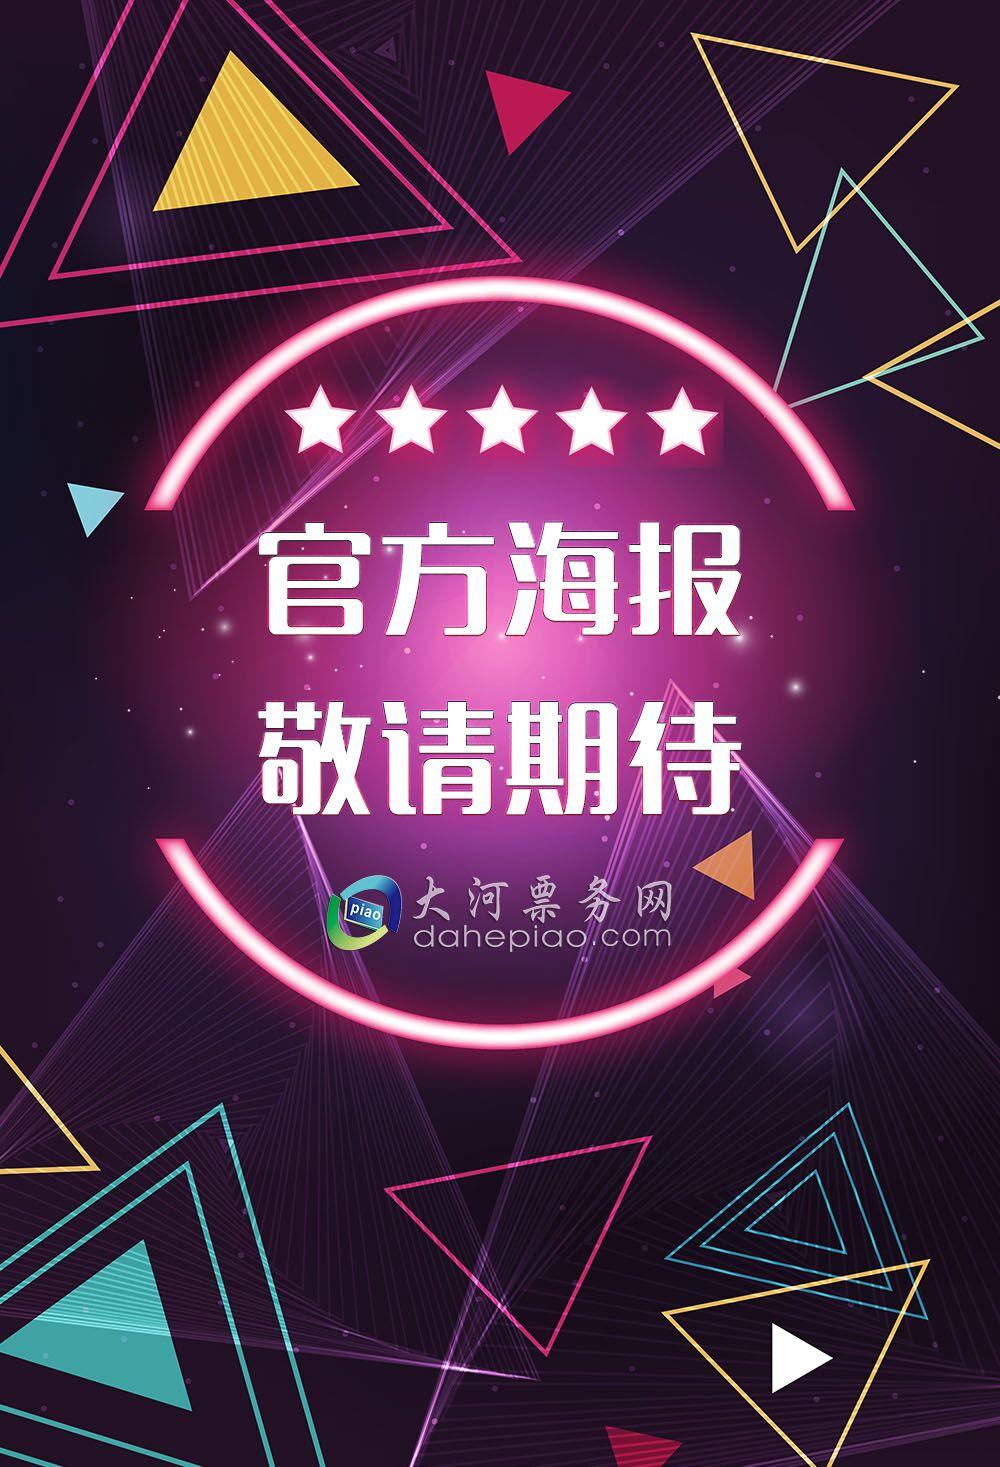 X玖少年团北京演唱会